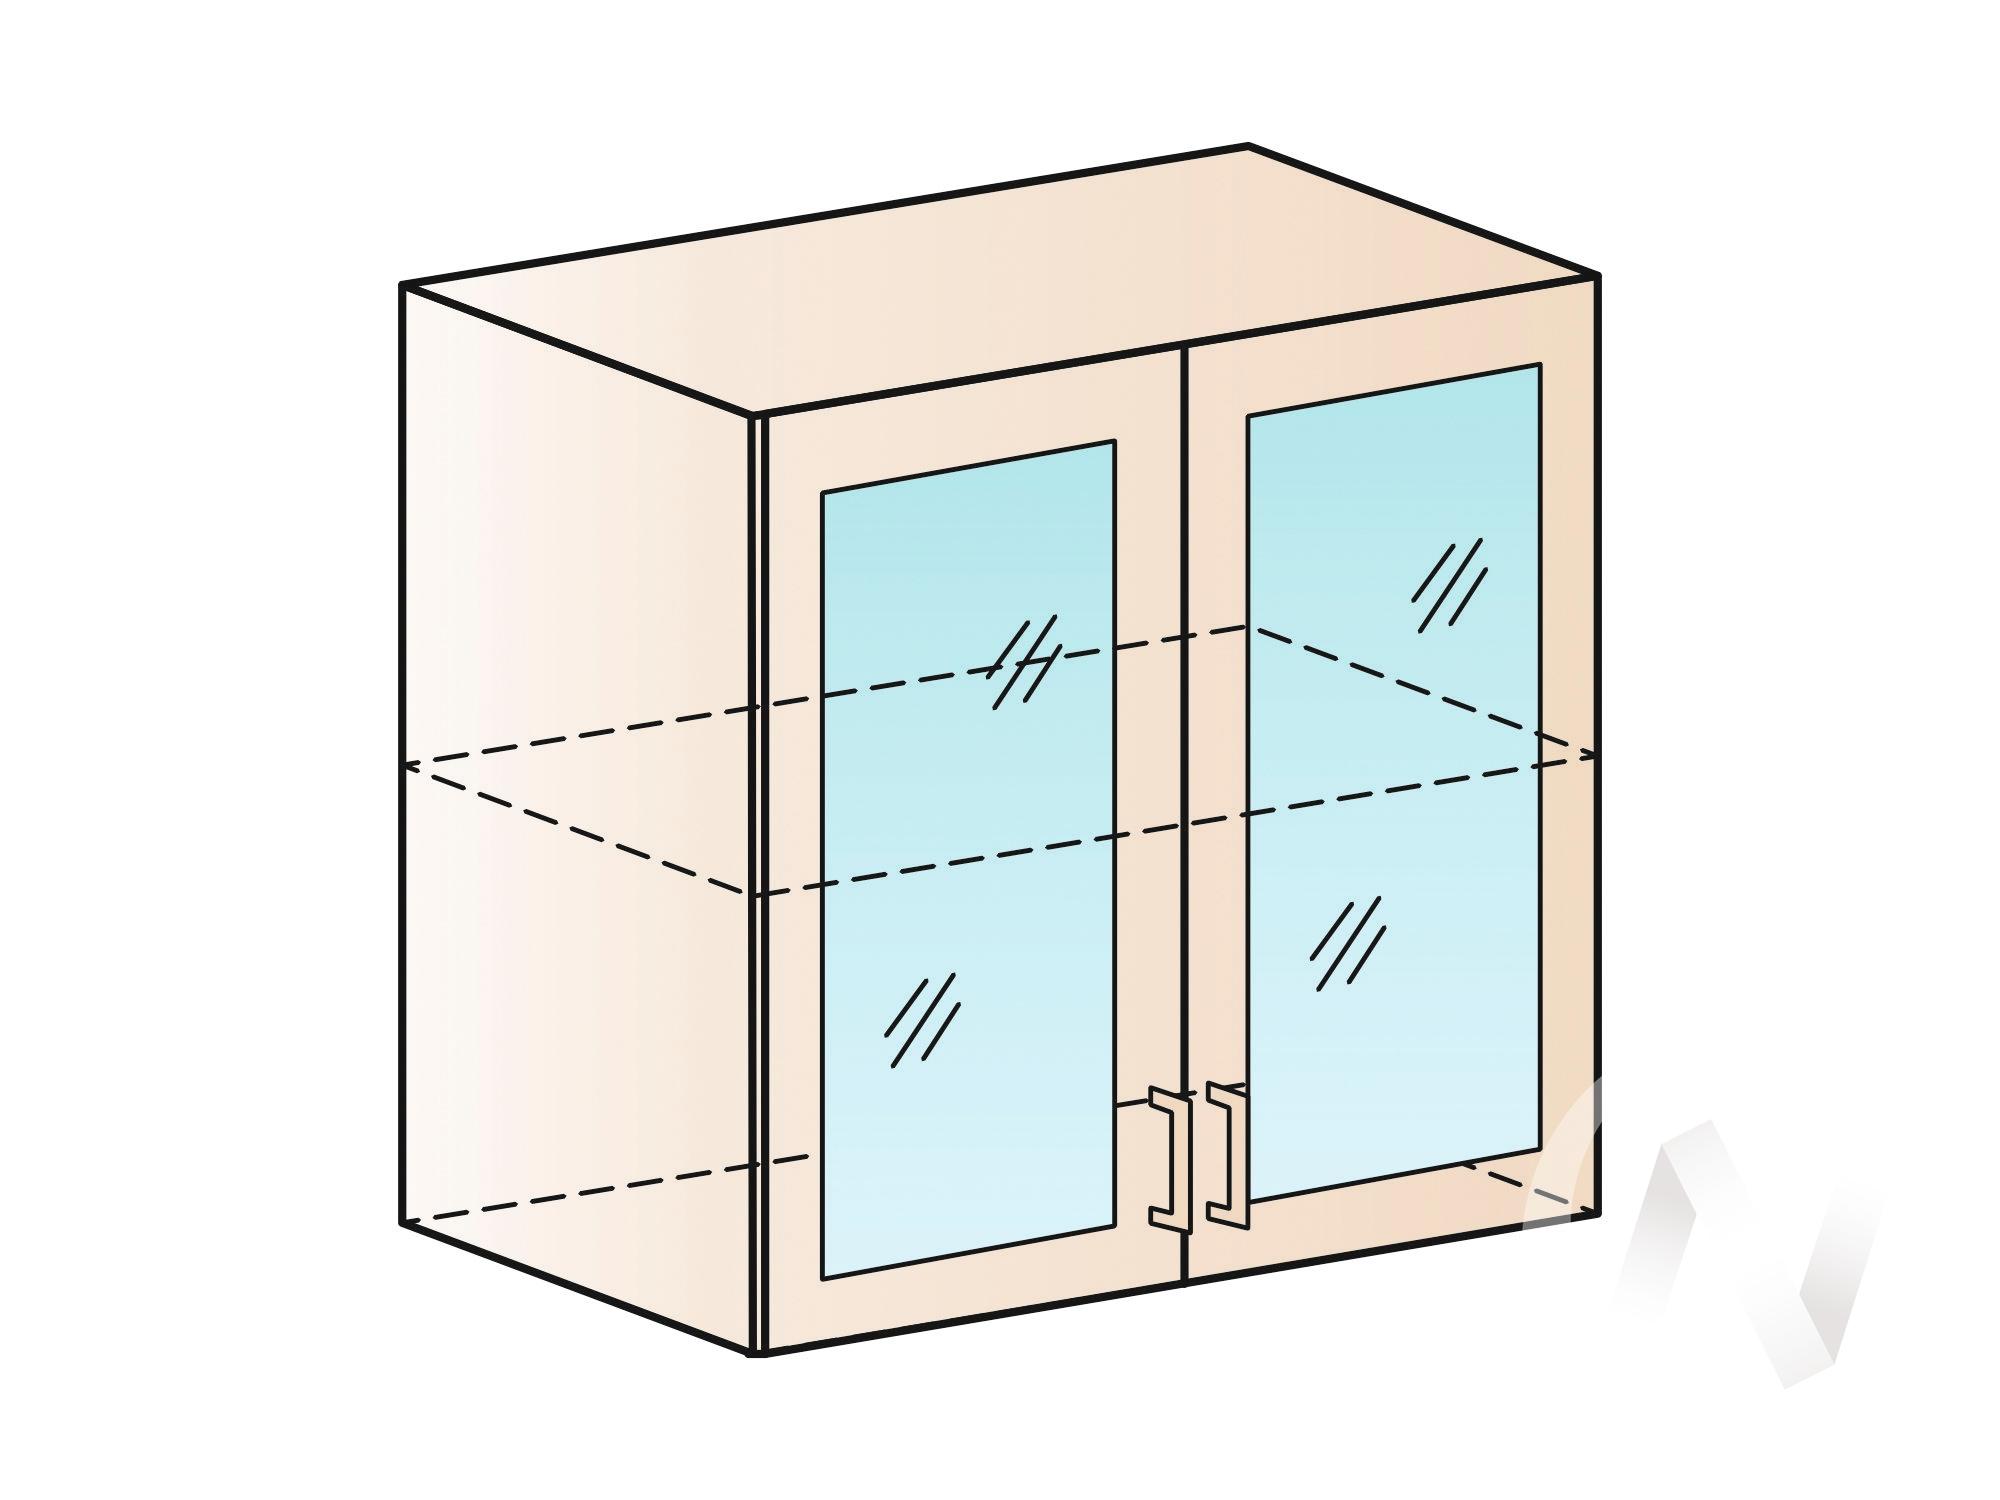 """Кухня """"Вена"""": Шкаф верхний со стеклом 800, ШВС 800 (корпус белый) в Новосибирске в интернет-магазине мебели kuhnya54.ru"""